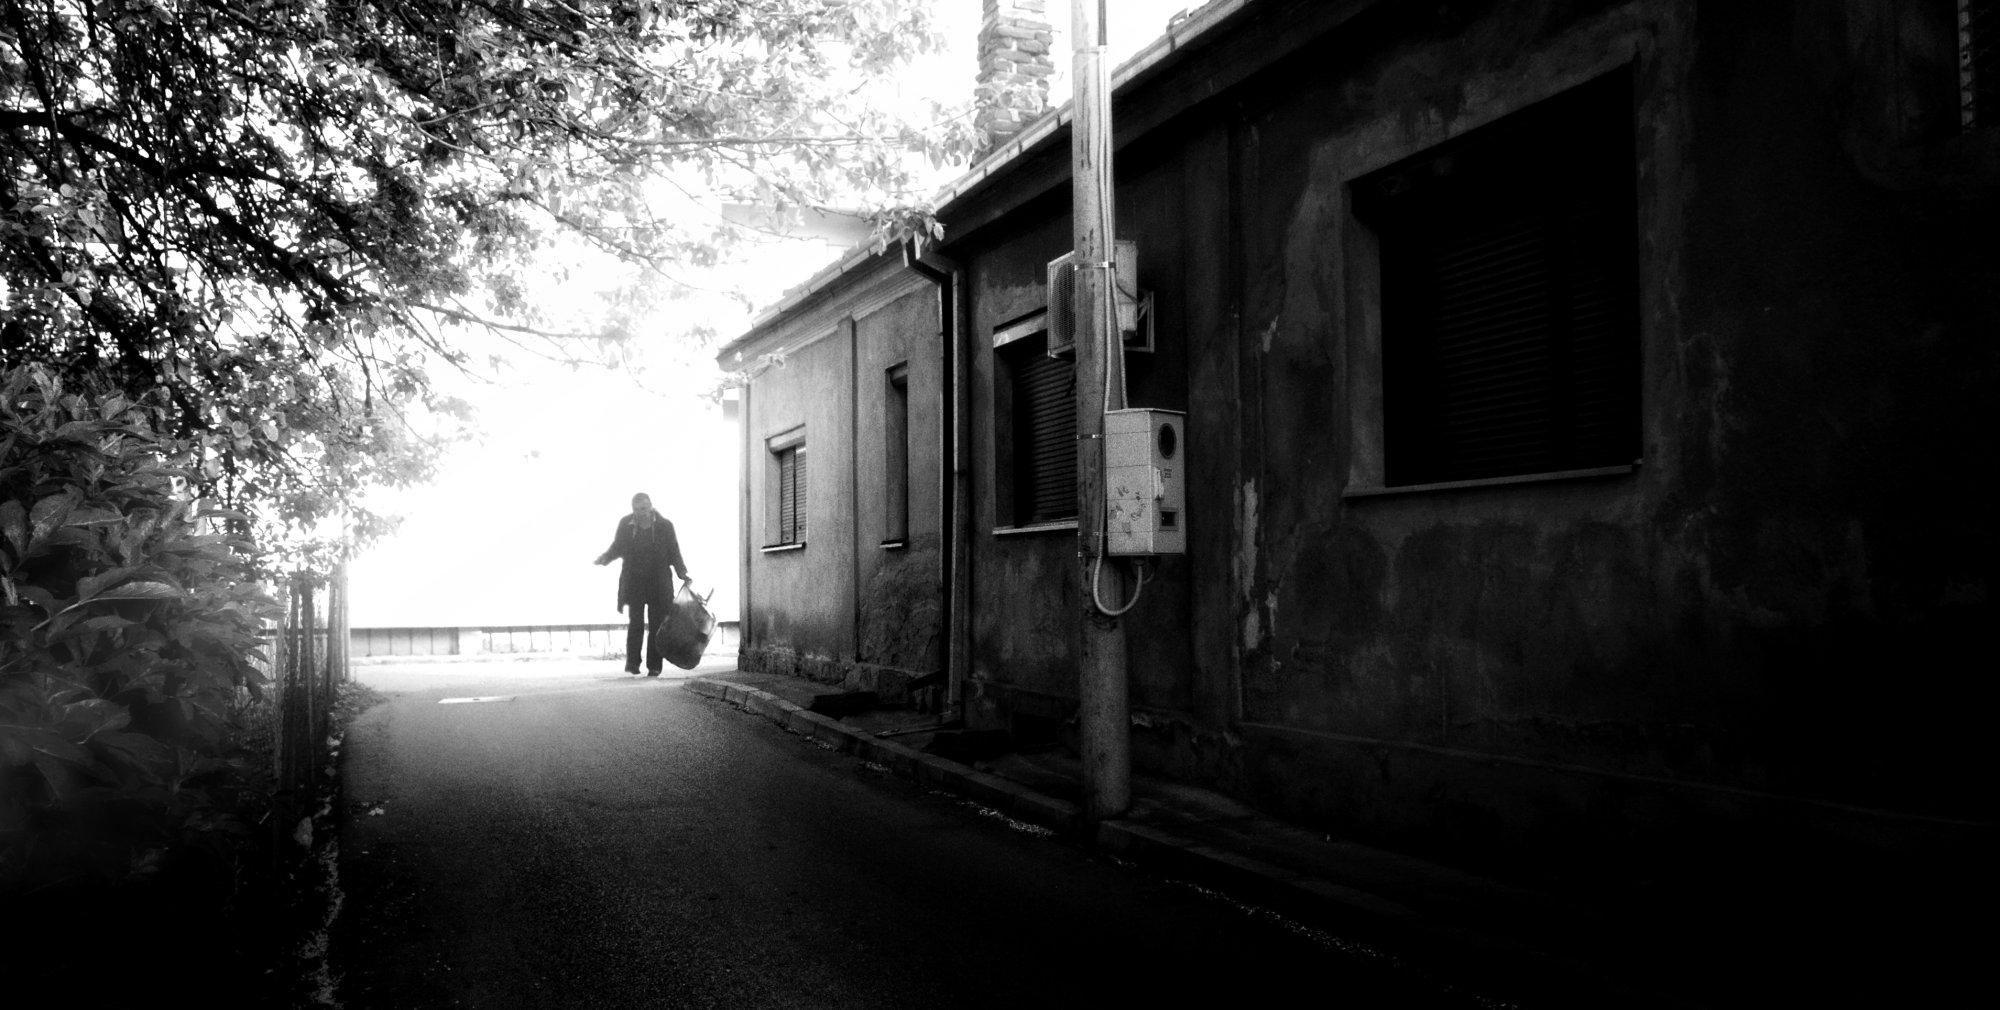 Shadows of Morning LVI